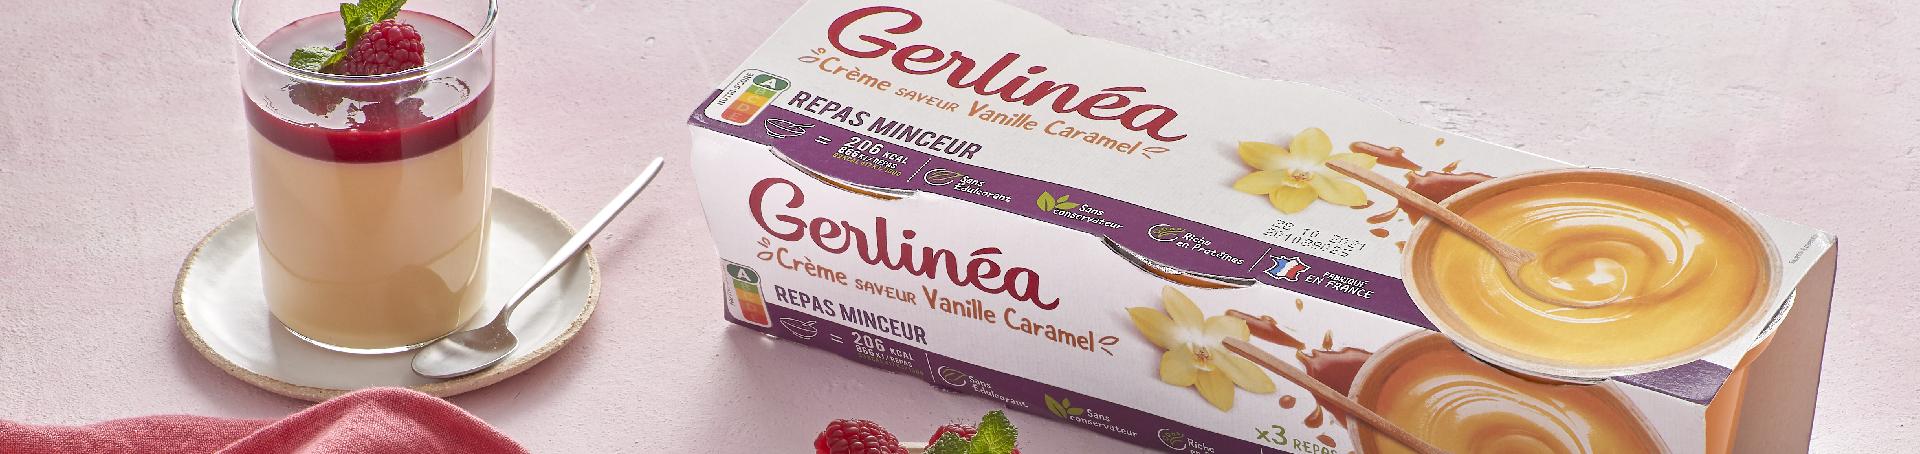 verrine panna cotta à la crème vanille gerlinea et aux framboises